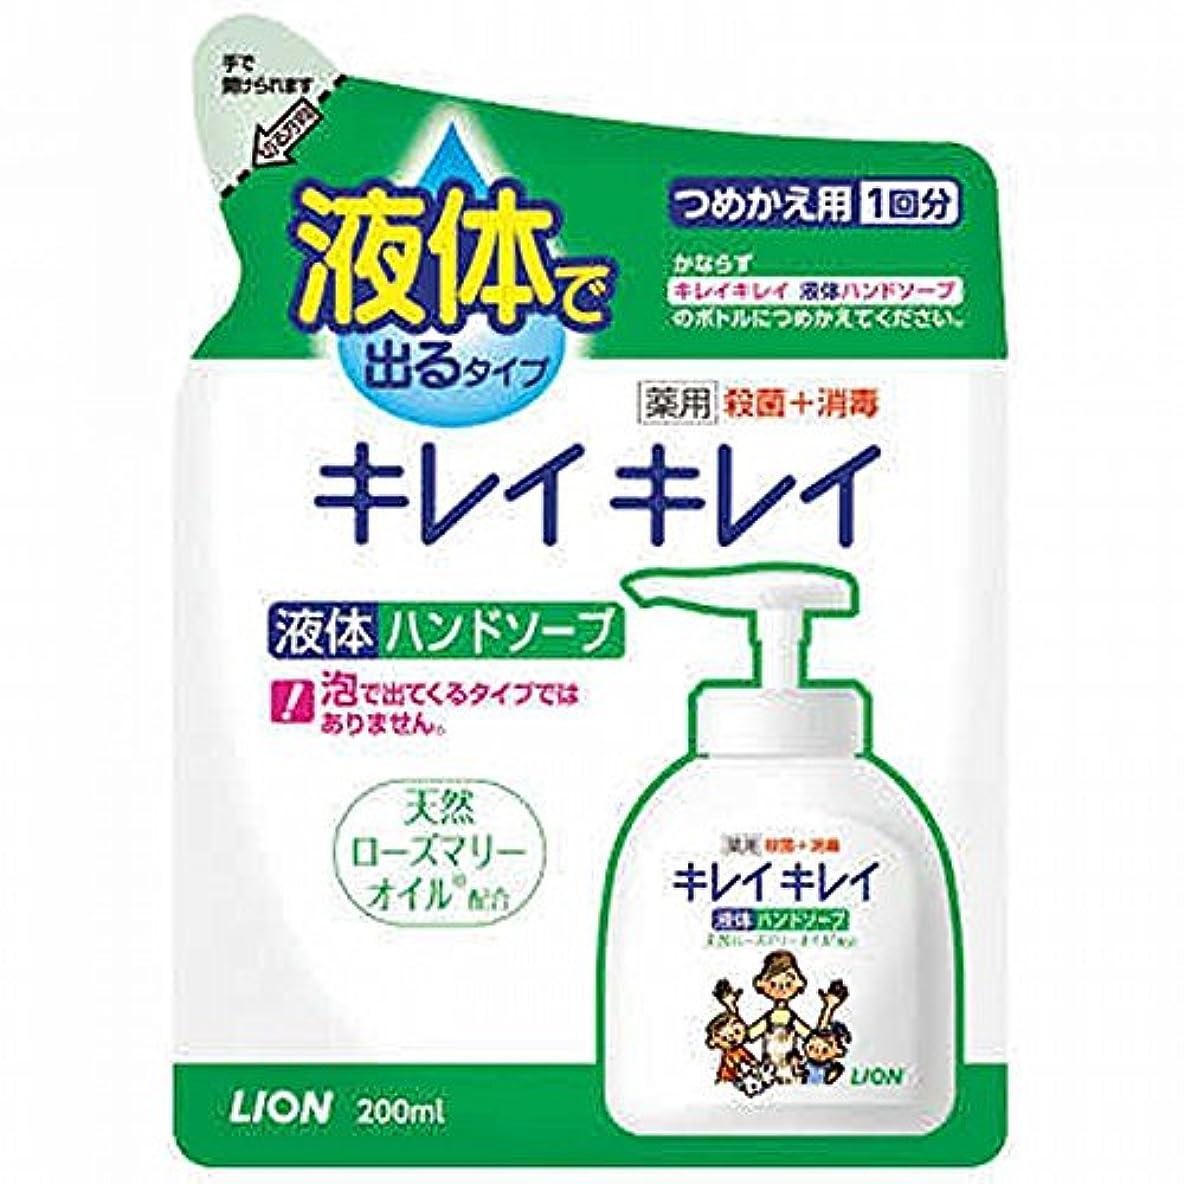 倫理閉塞菊キレイキレイ 薬用液体ハンドソープ 詰め替え用 200ml×3セット